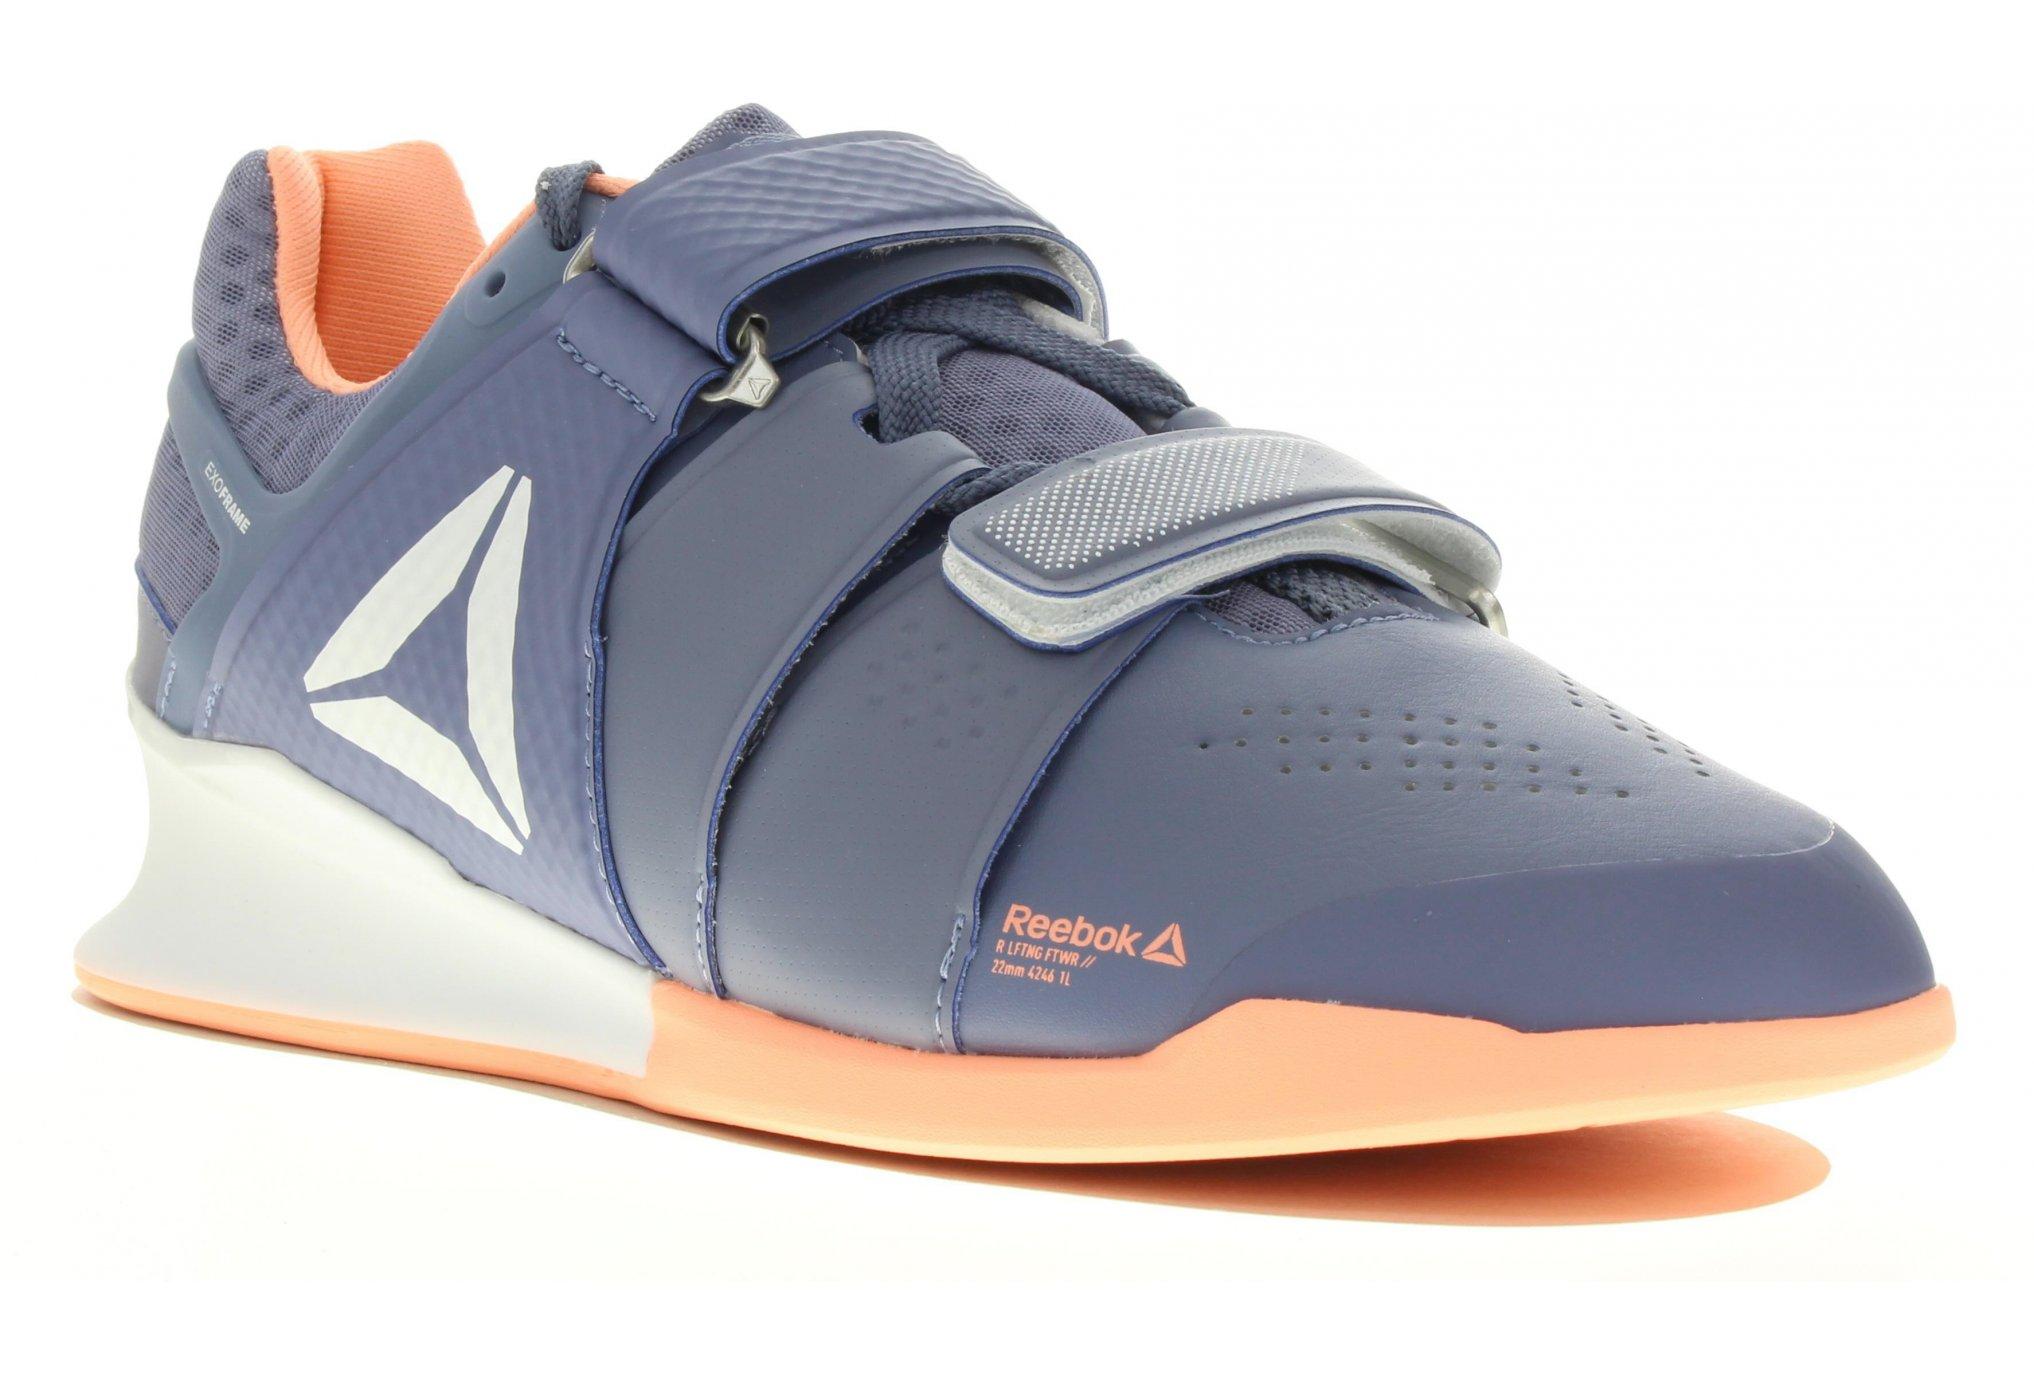 Reebok Legacy Lifter W Chaussures running femme